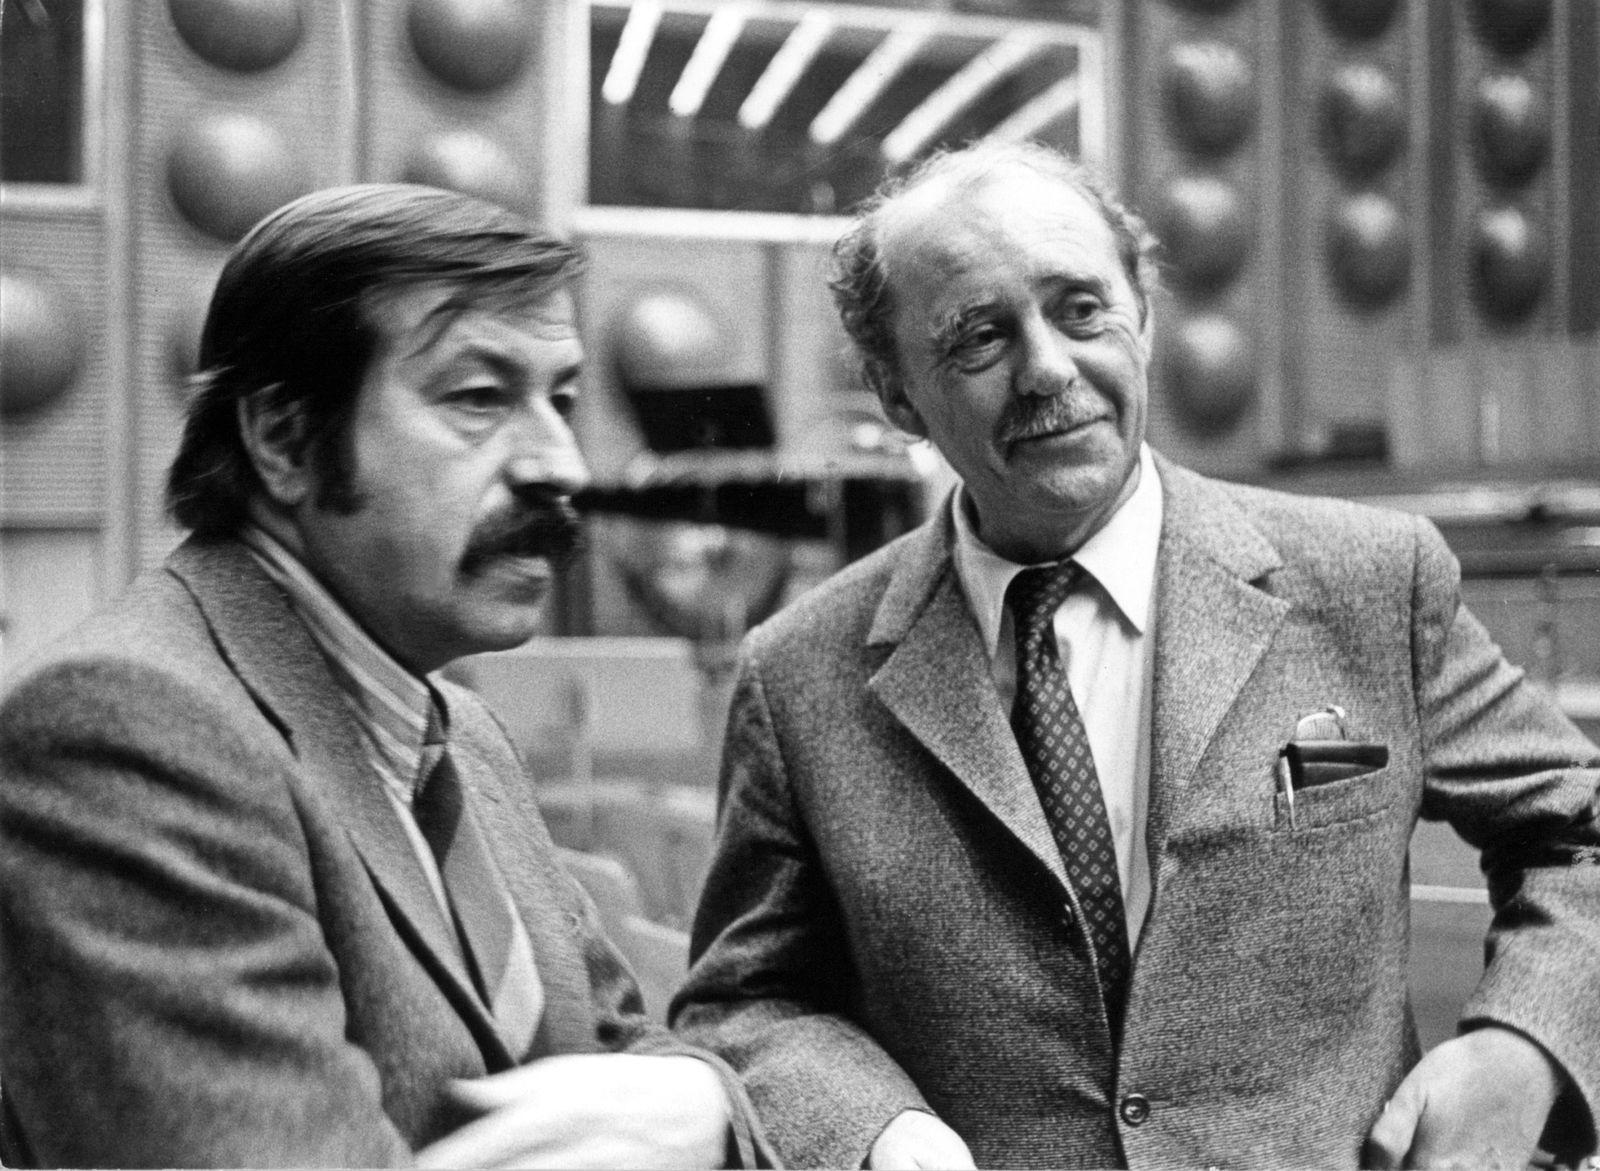 Heinrich Böll / Günter Grass